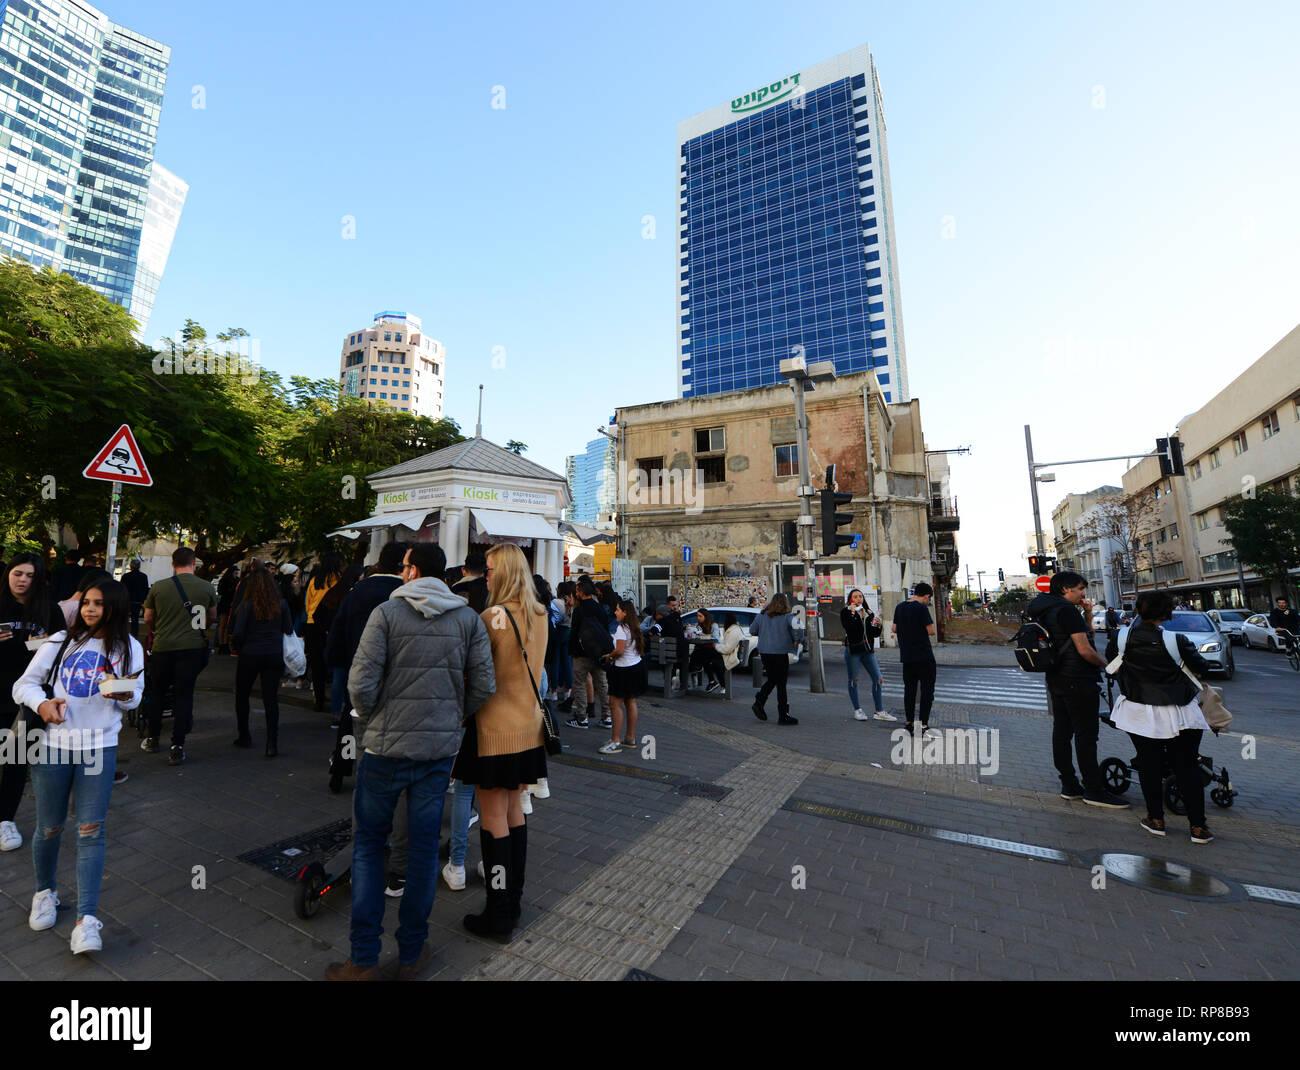 The first Kiosk on the trendy Rothschild Boulevard in Tel Aviv's White City. - Stock Image